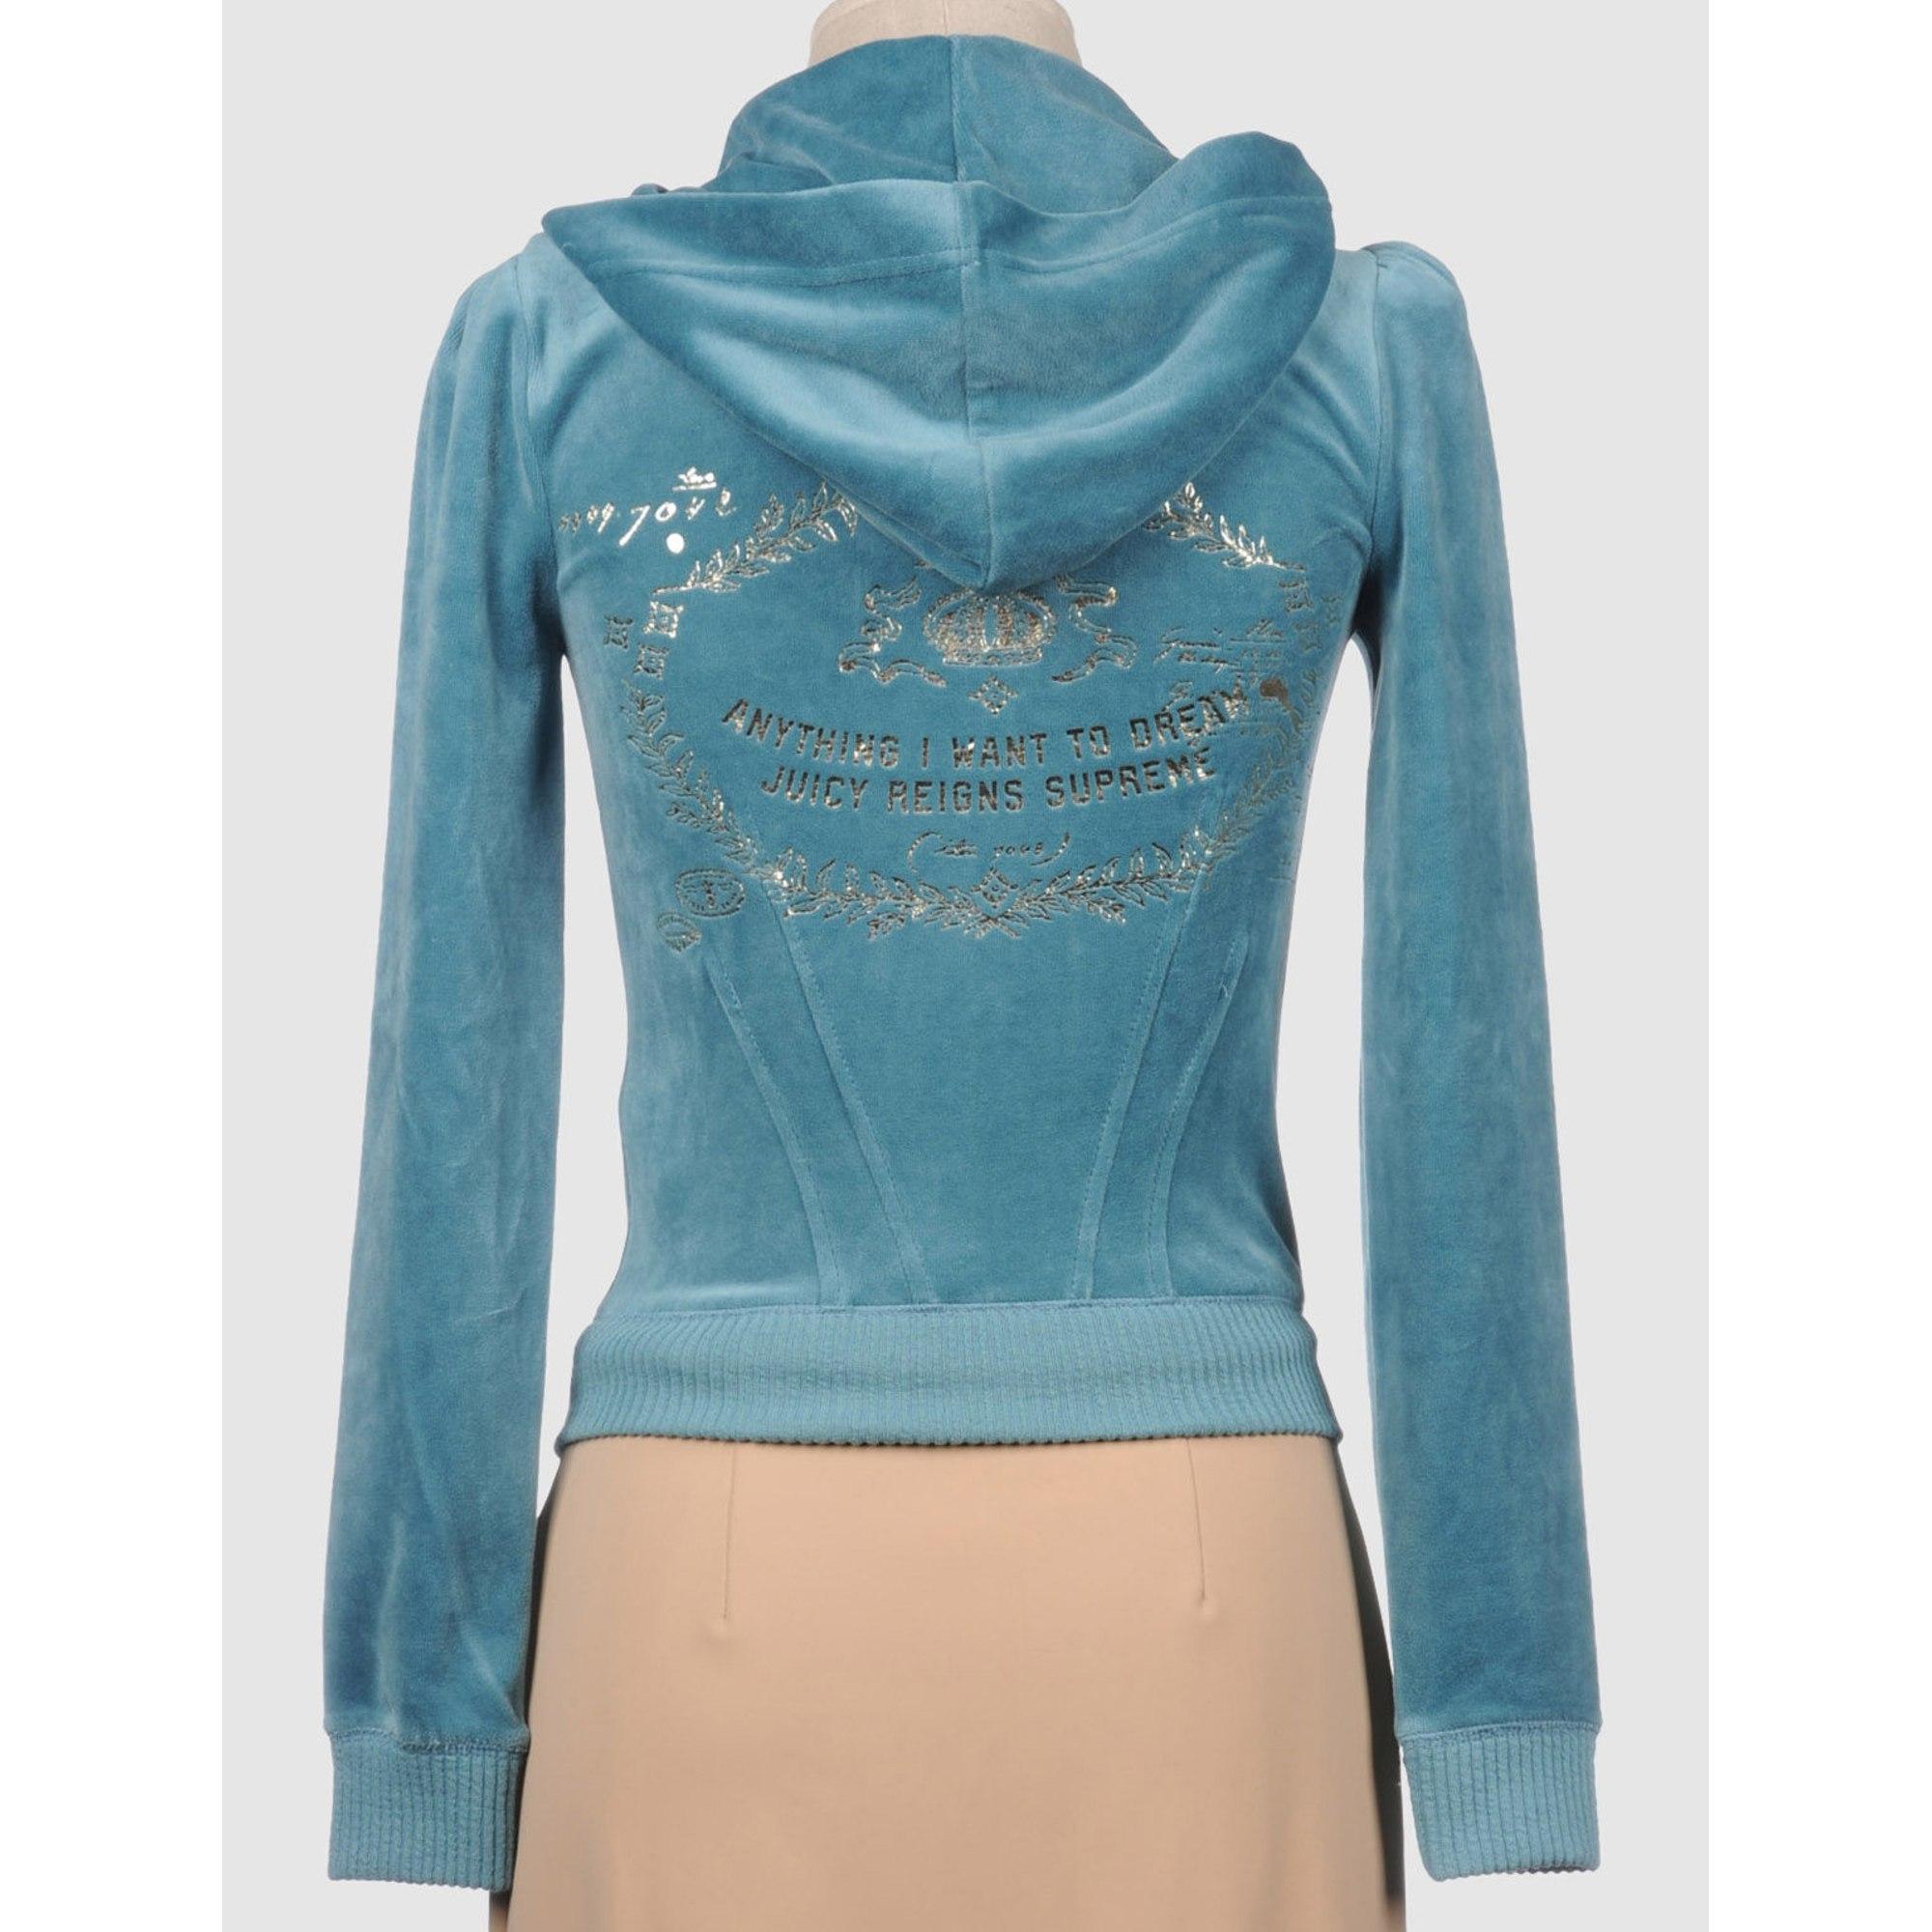 Sweat JUICY COUTURE Bleu, bleu marine, bleu turquoise